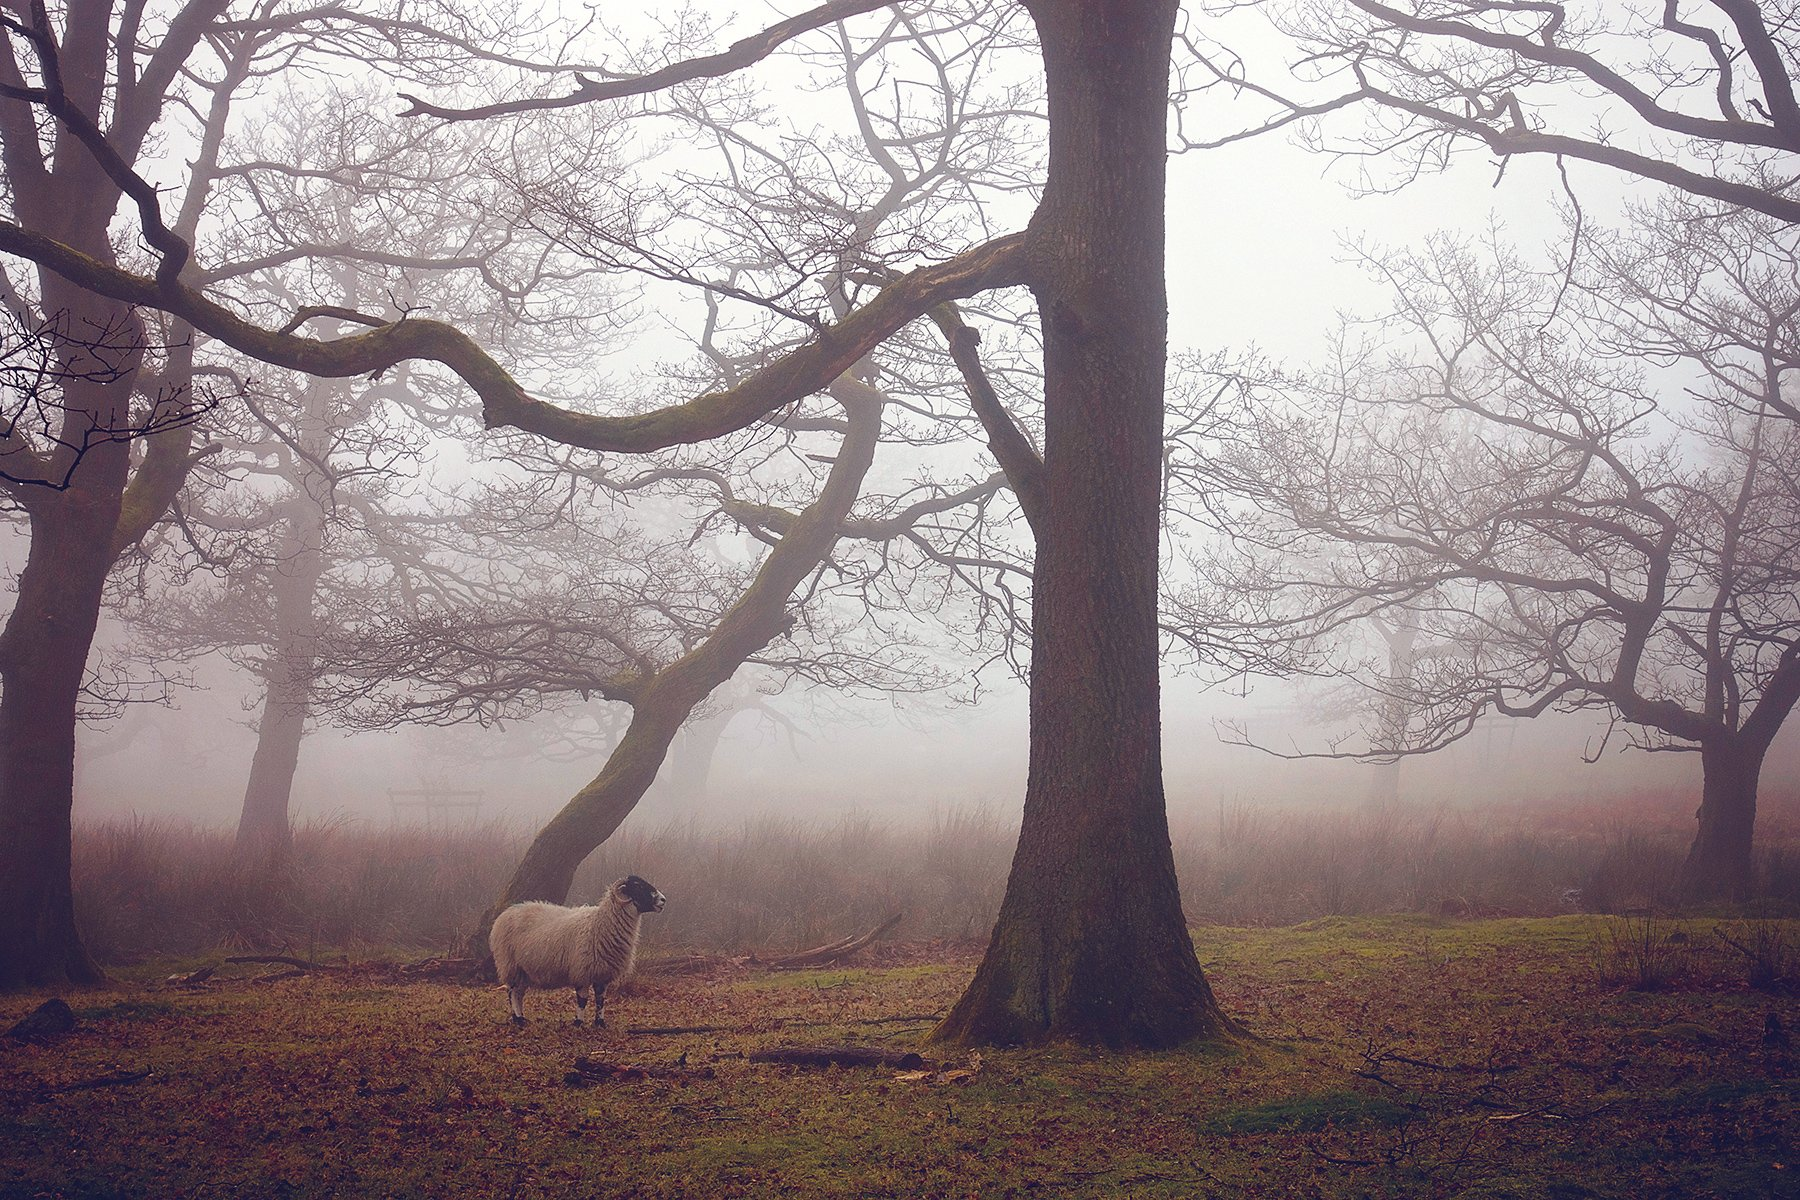 Misty Longshaw in the Peak District